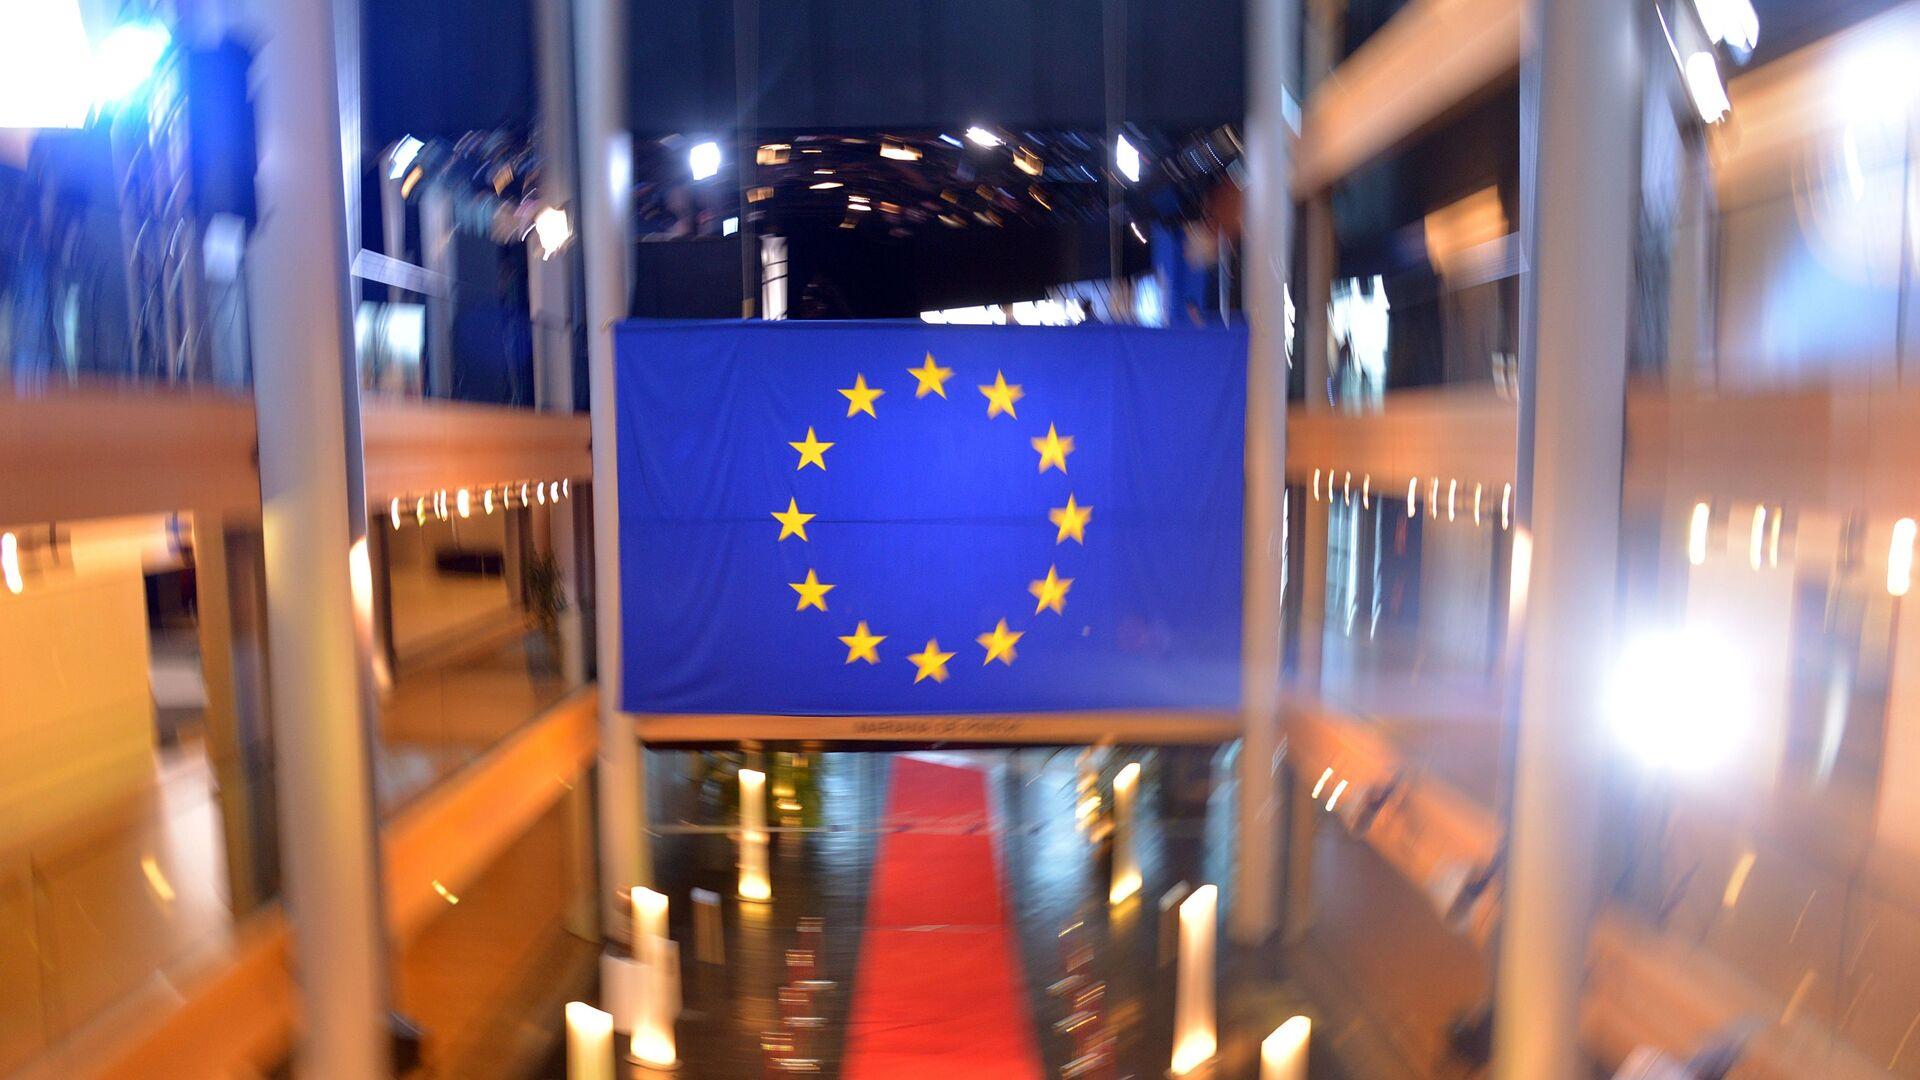 Застава Европске уније у згради Савета Европе у Стразбуру - Sputnik Србија, 1920, 25.03.2021